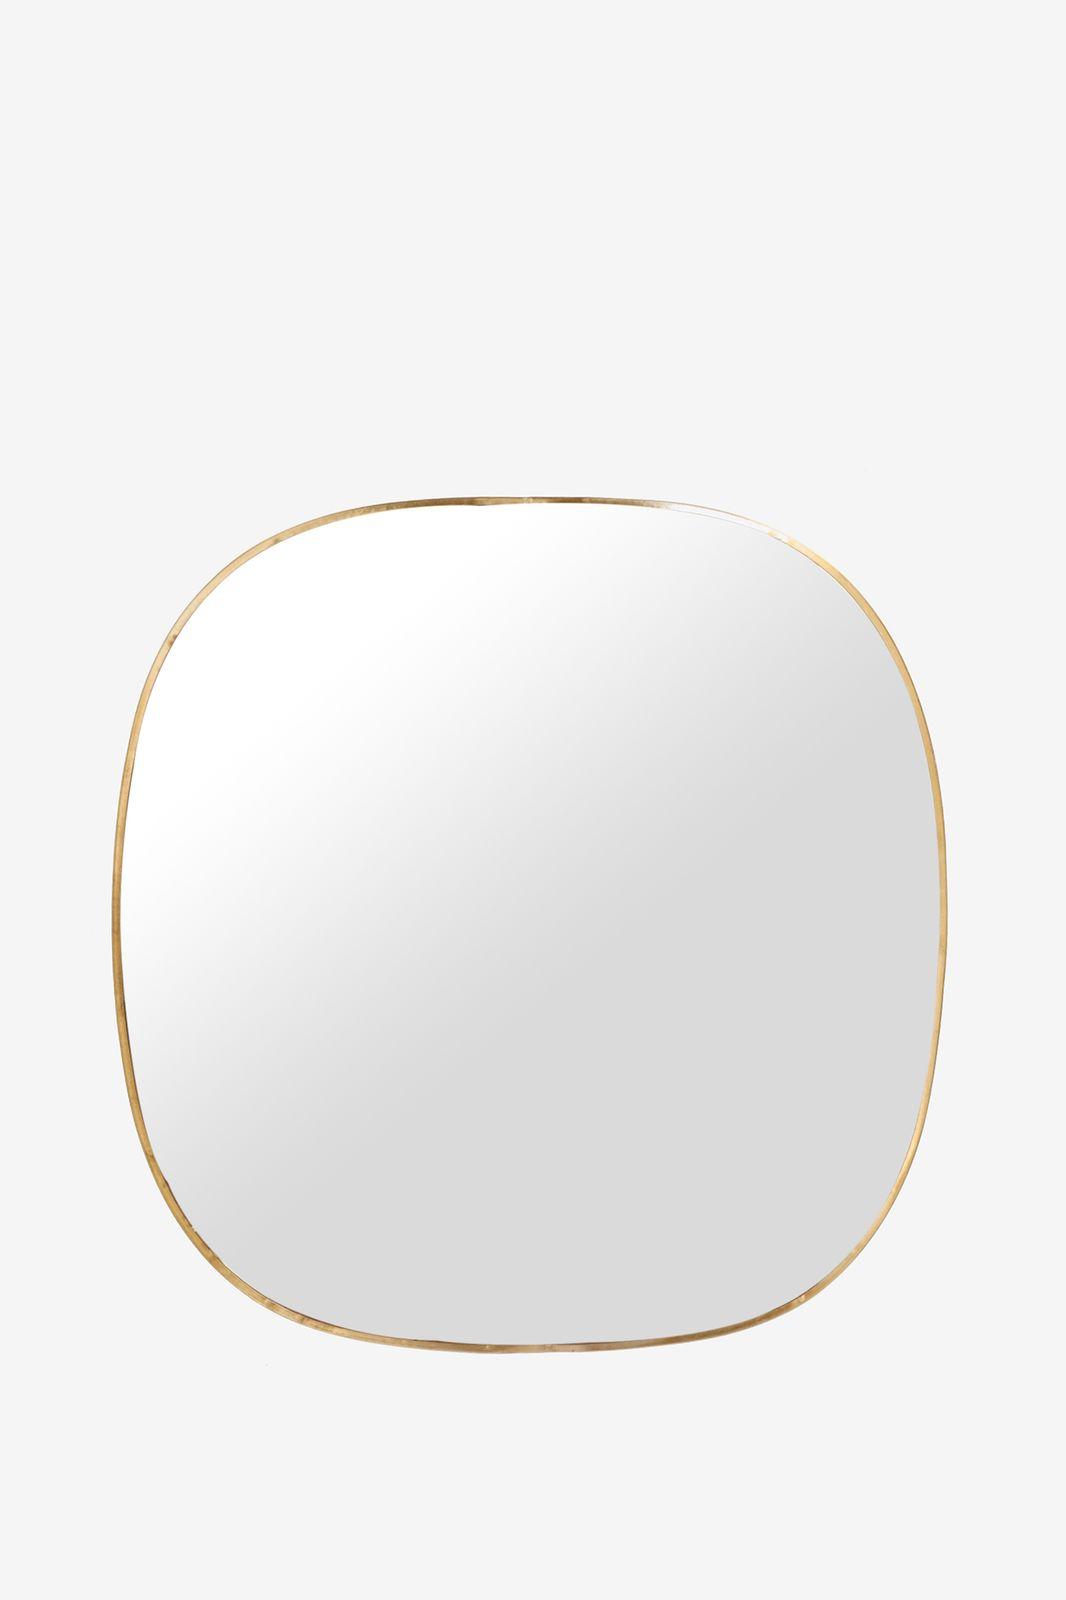 Goudkleurige hangspiegel rond